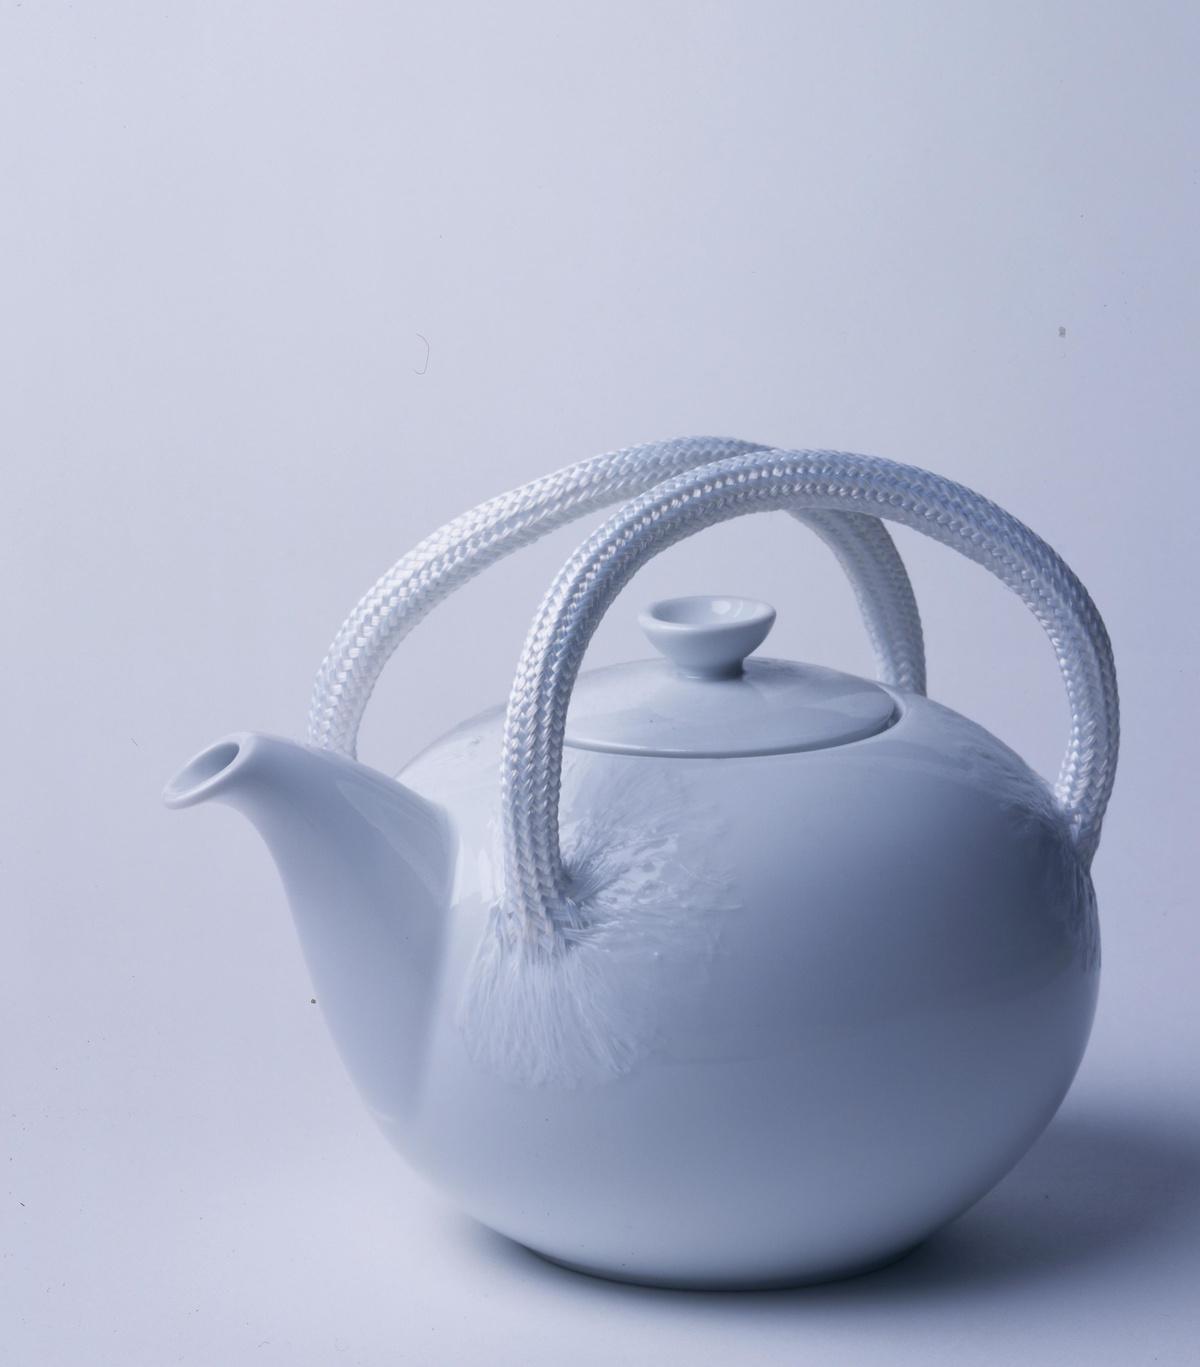 Teapot 'High-tech accent' by Gijs Bakker, 1997 (Centraal Museum, Utrecht)